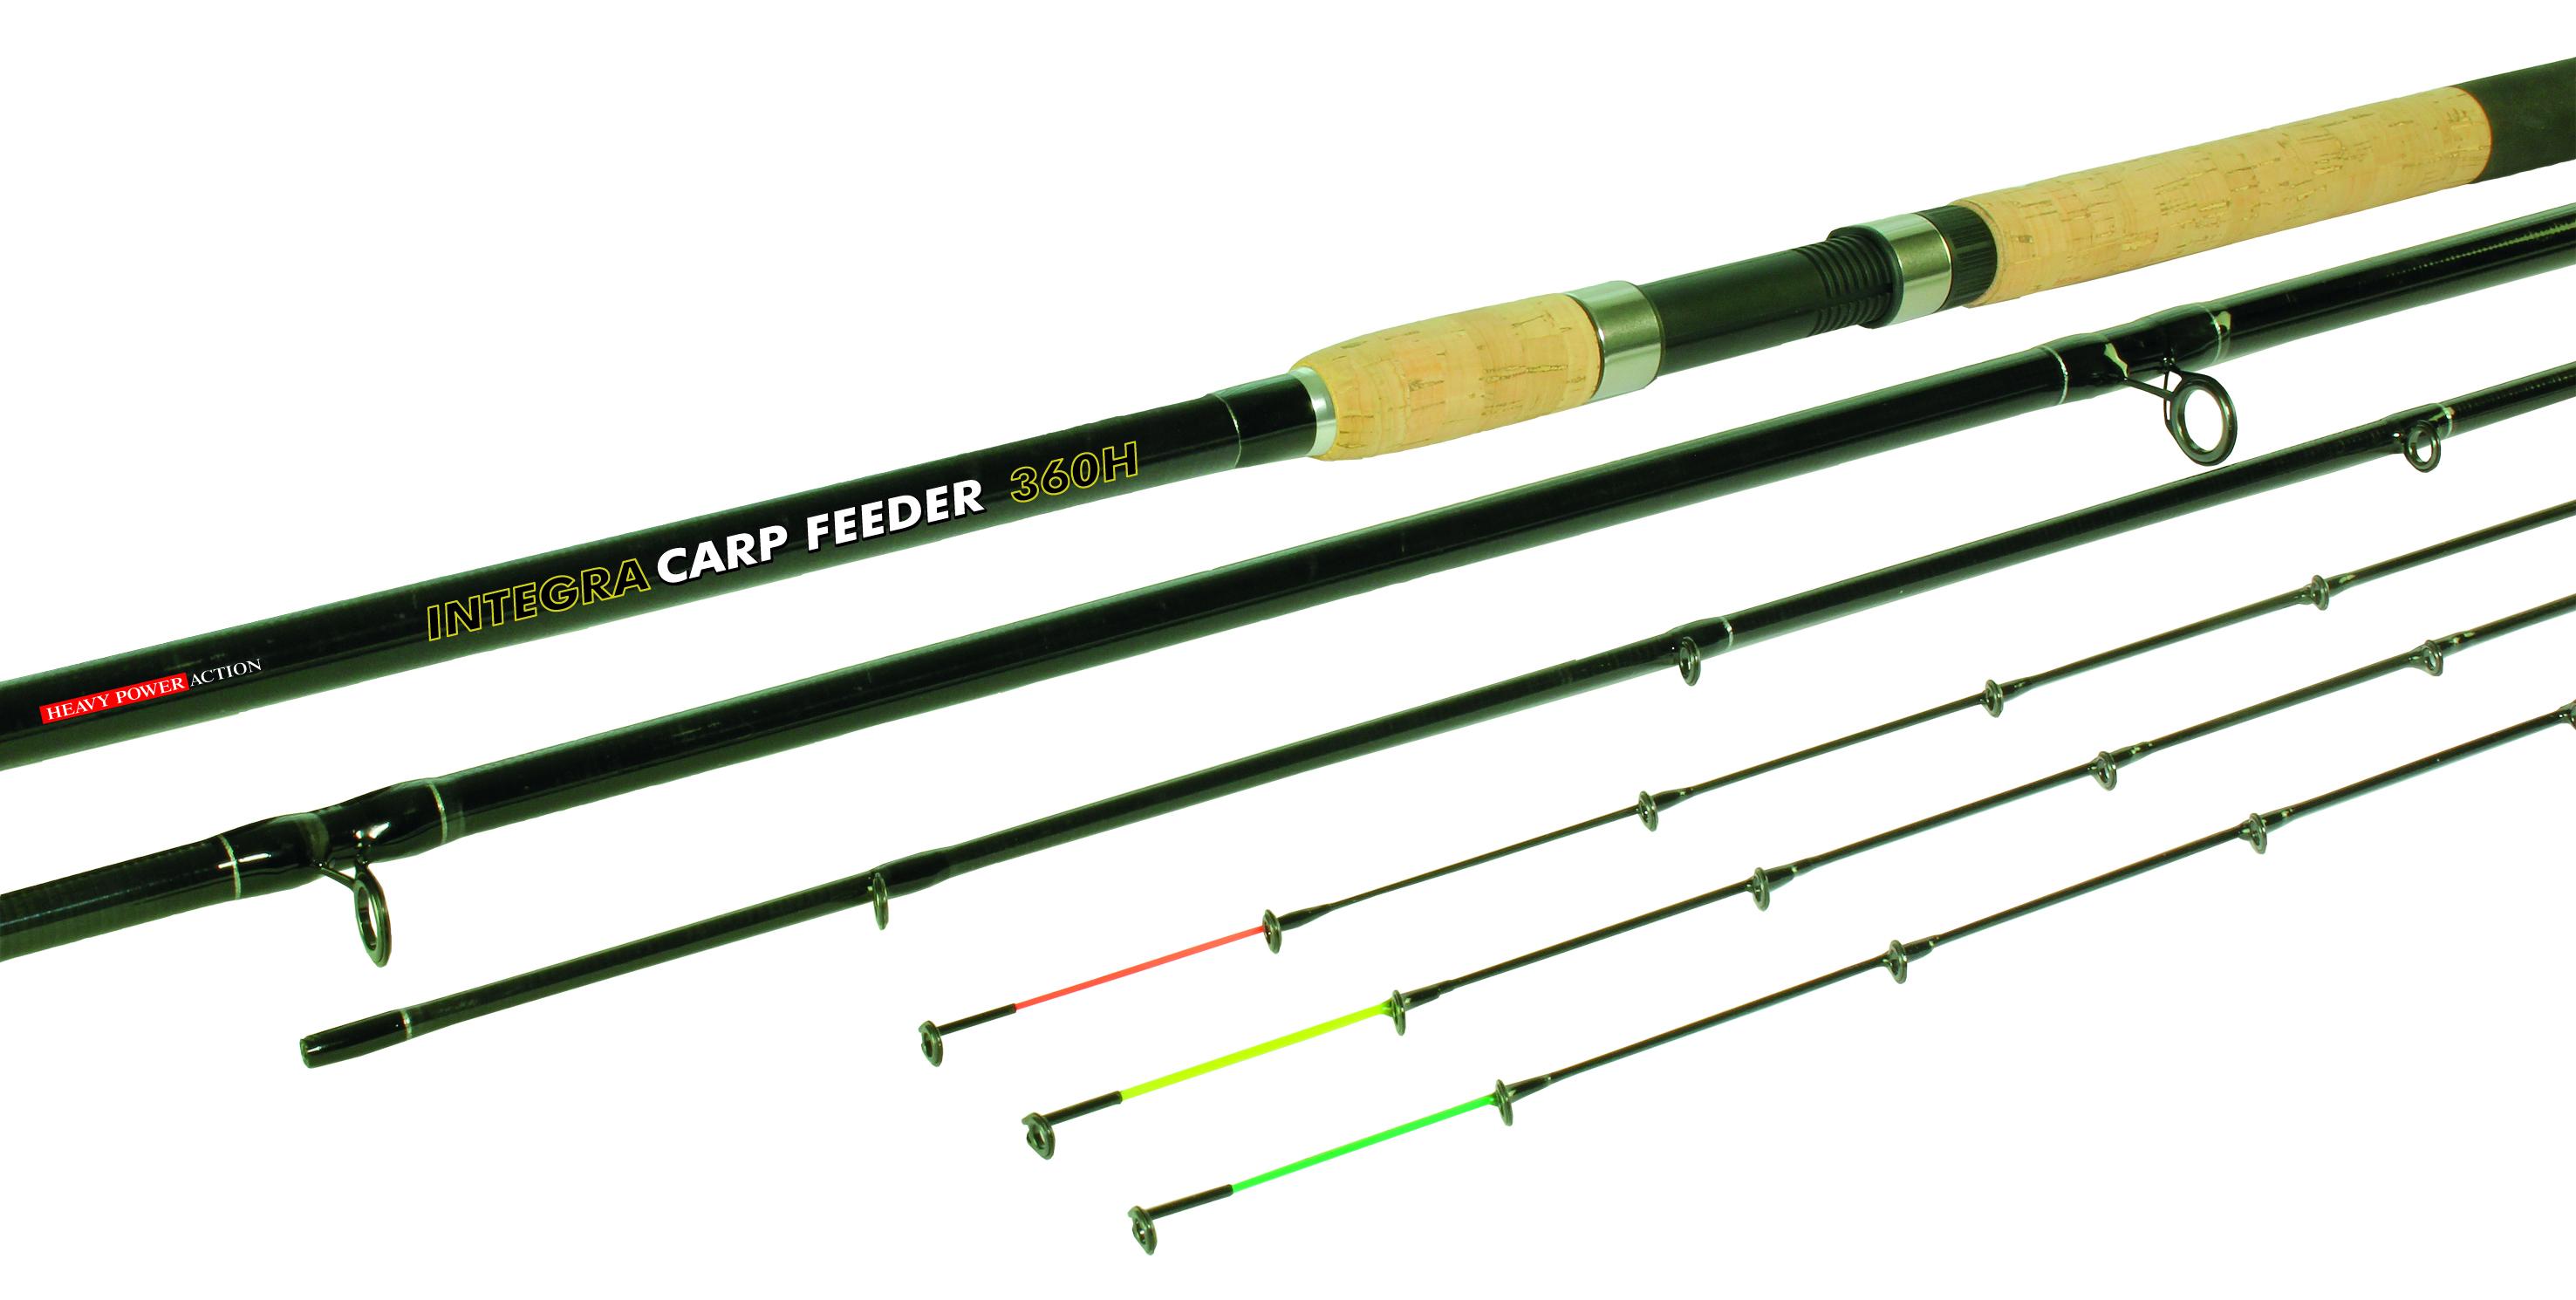 Integra Carp Feeder 3.60m 50-120g